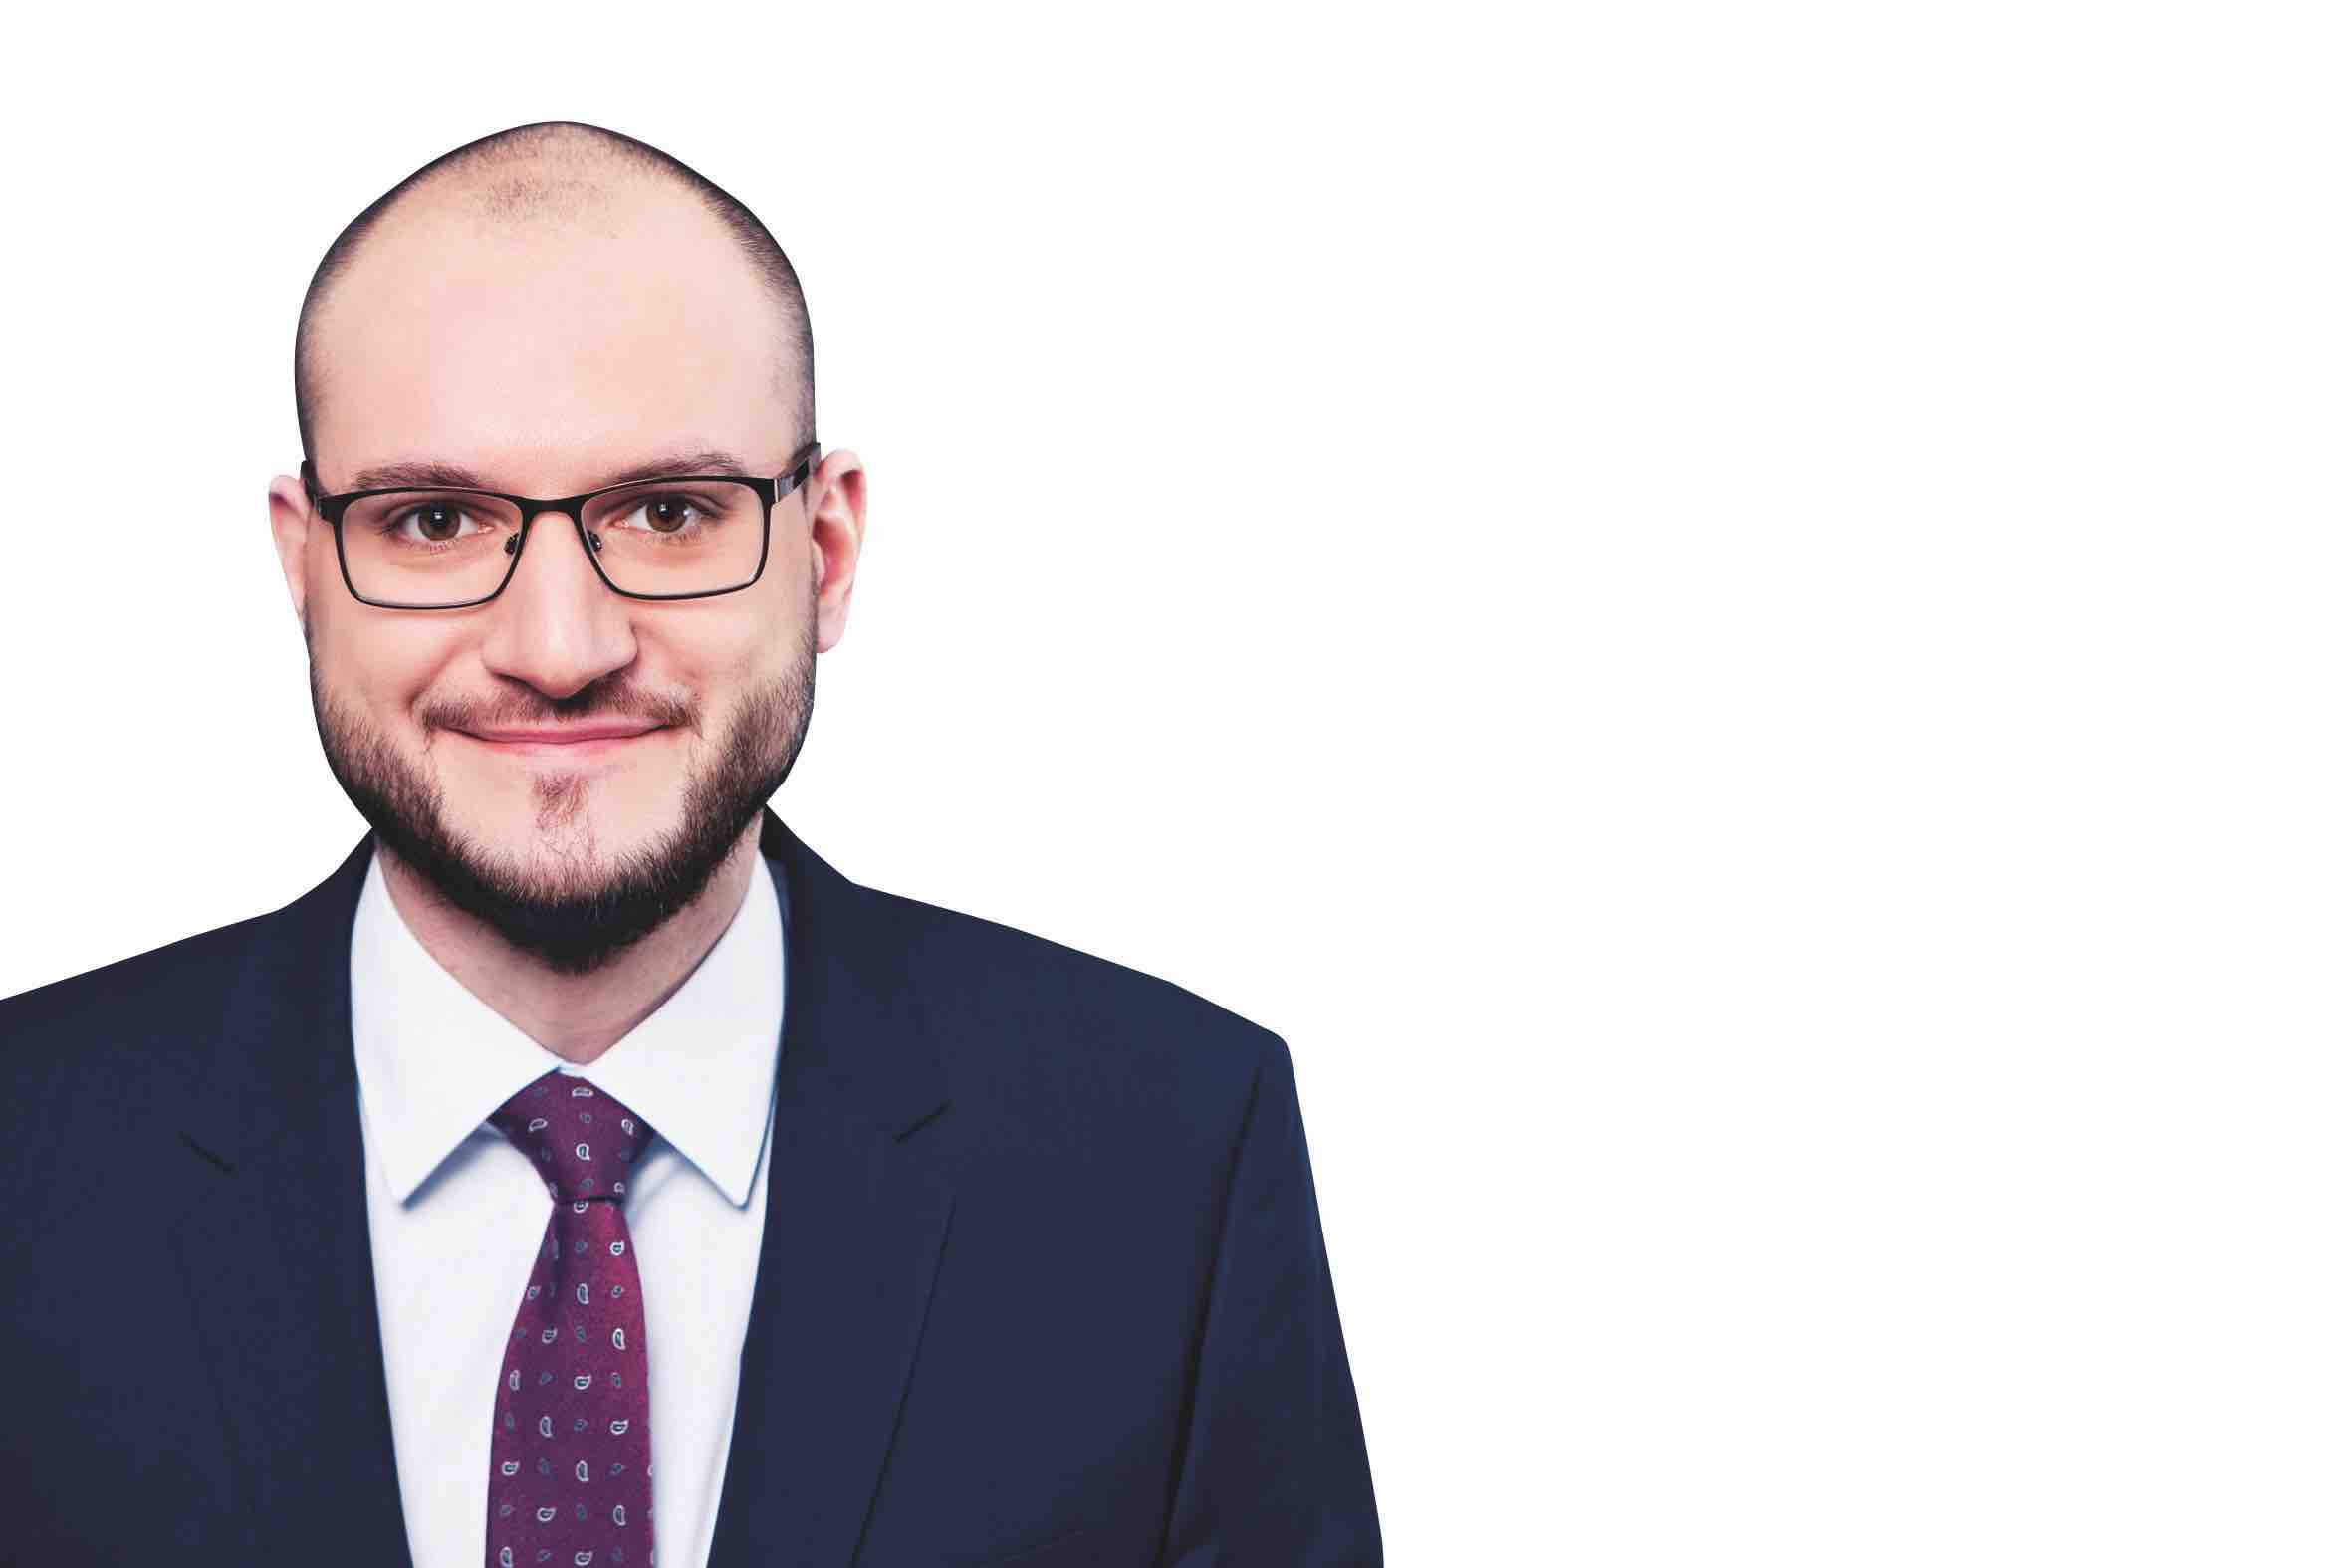 Janosch Neumann ist Fachanwalt für Öffentliches Recht bei der Sozietät Heinemann & Partner in Essen.